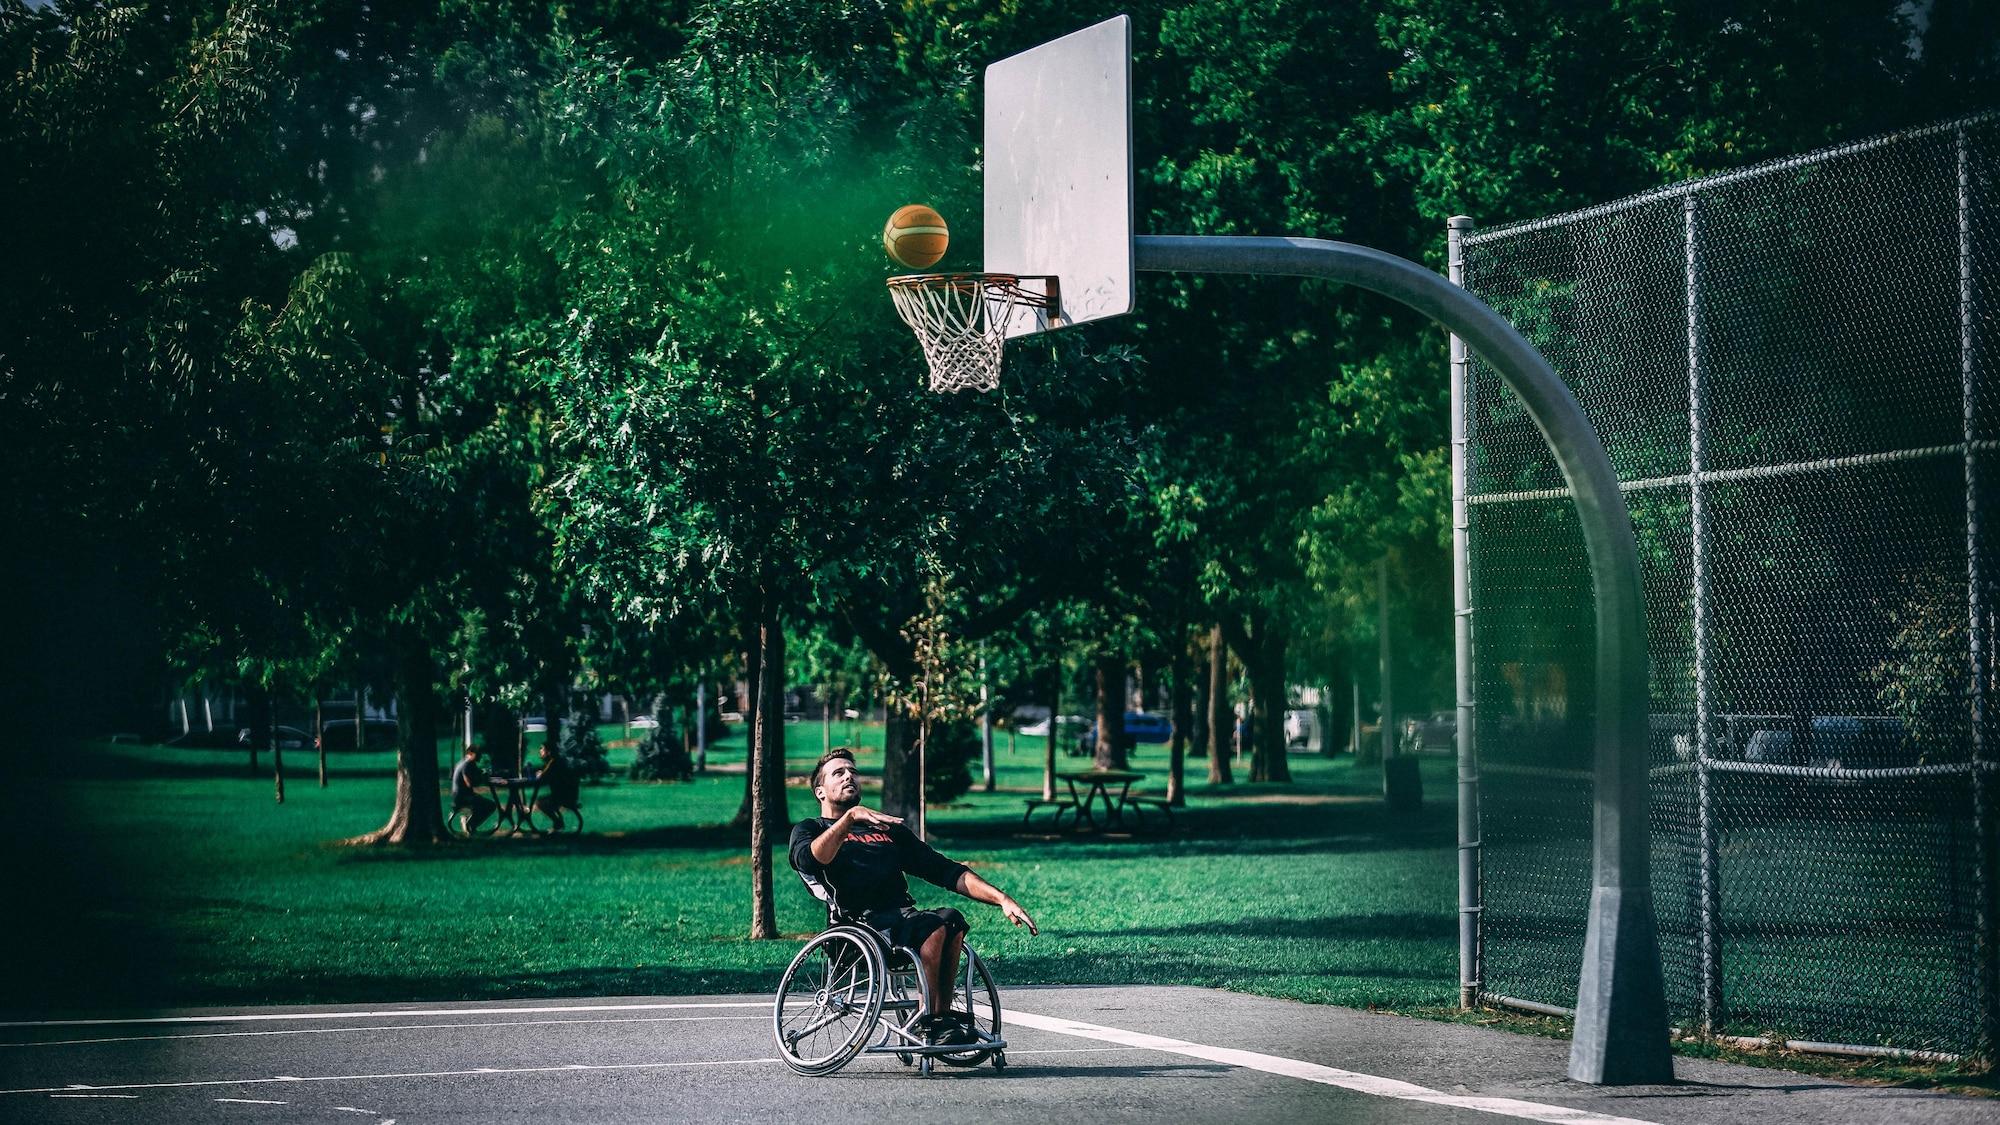 Jonathan Vermette lance le ballon vers le panier, dans un parc de Montréal.